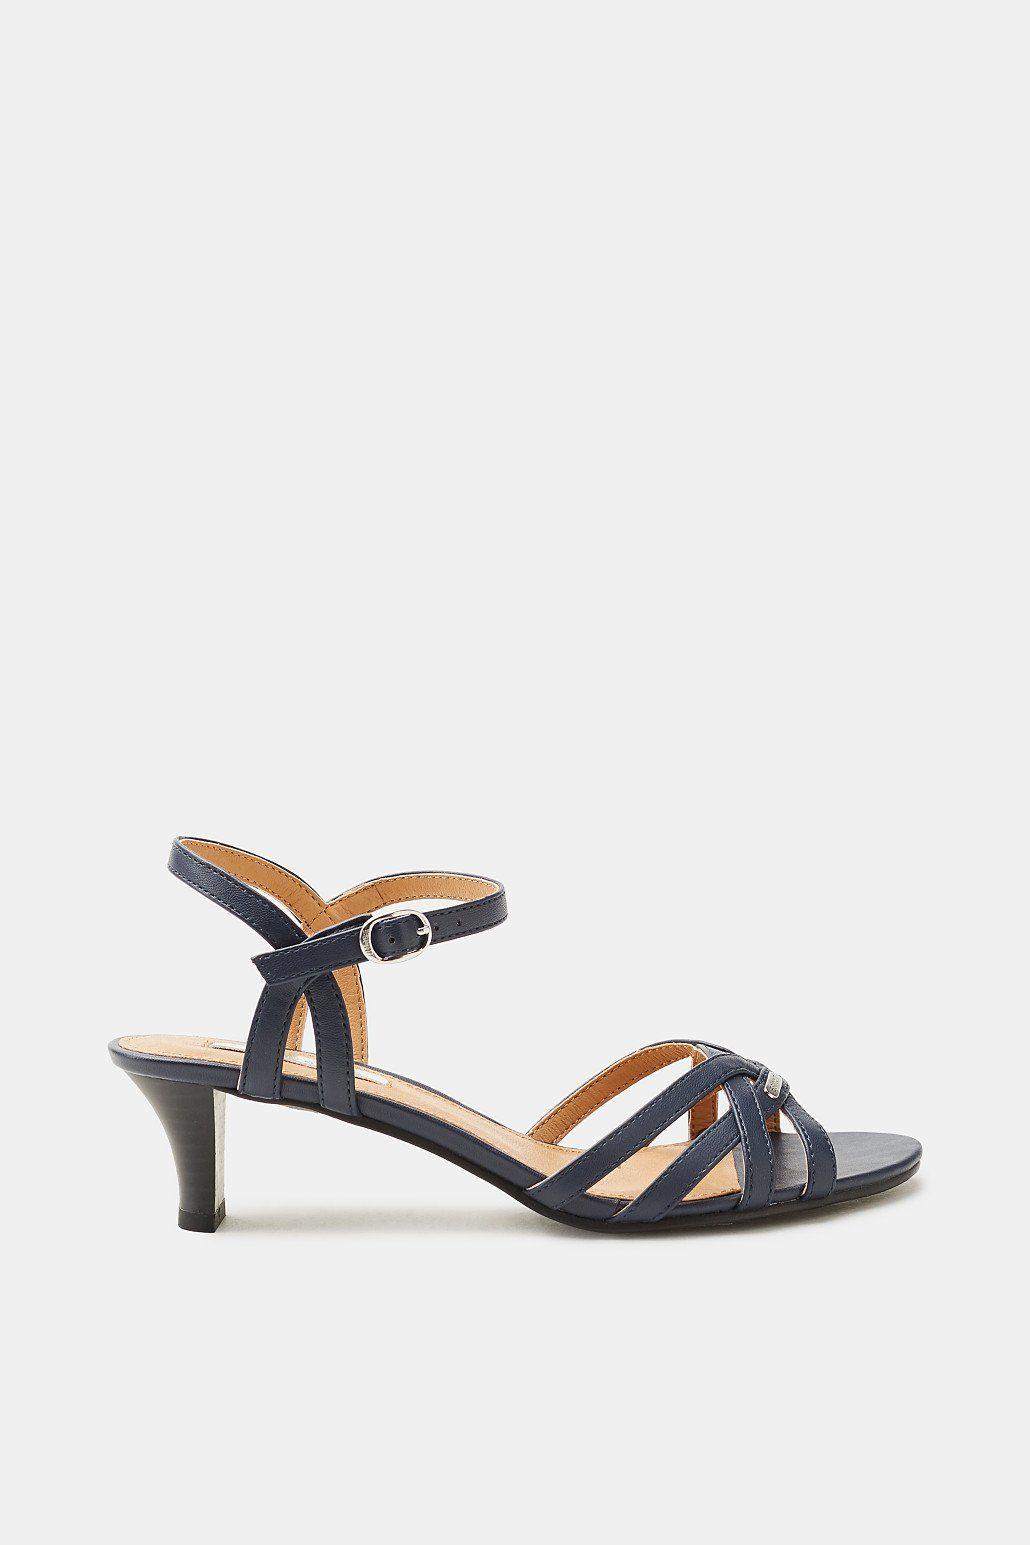 Esprit Flache Sandale in Leder-Optik für Damen, Größe 36, Navy